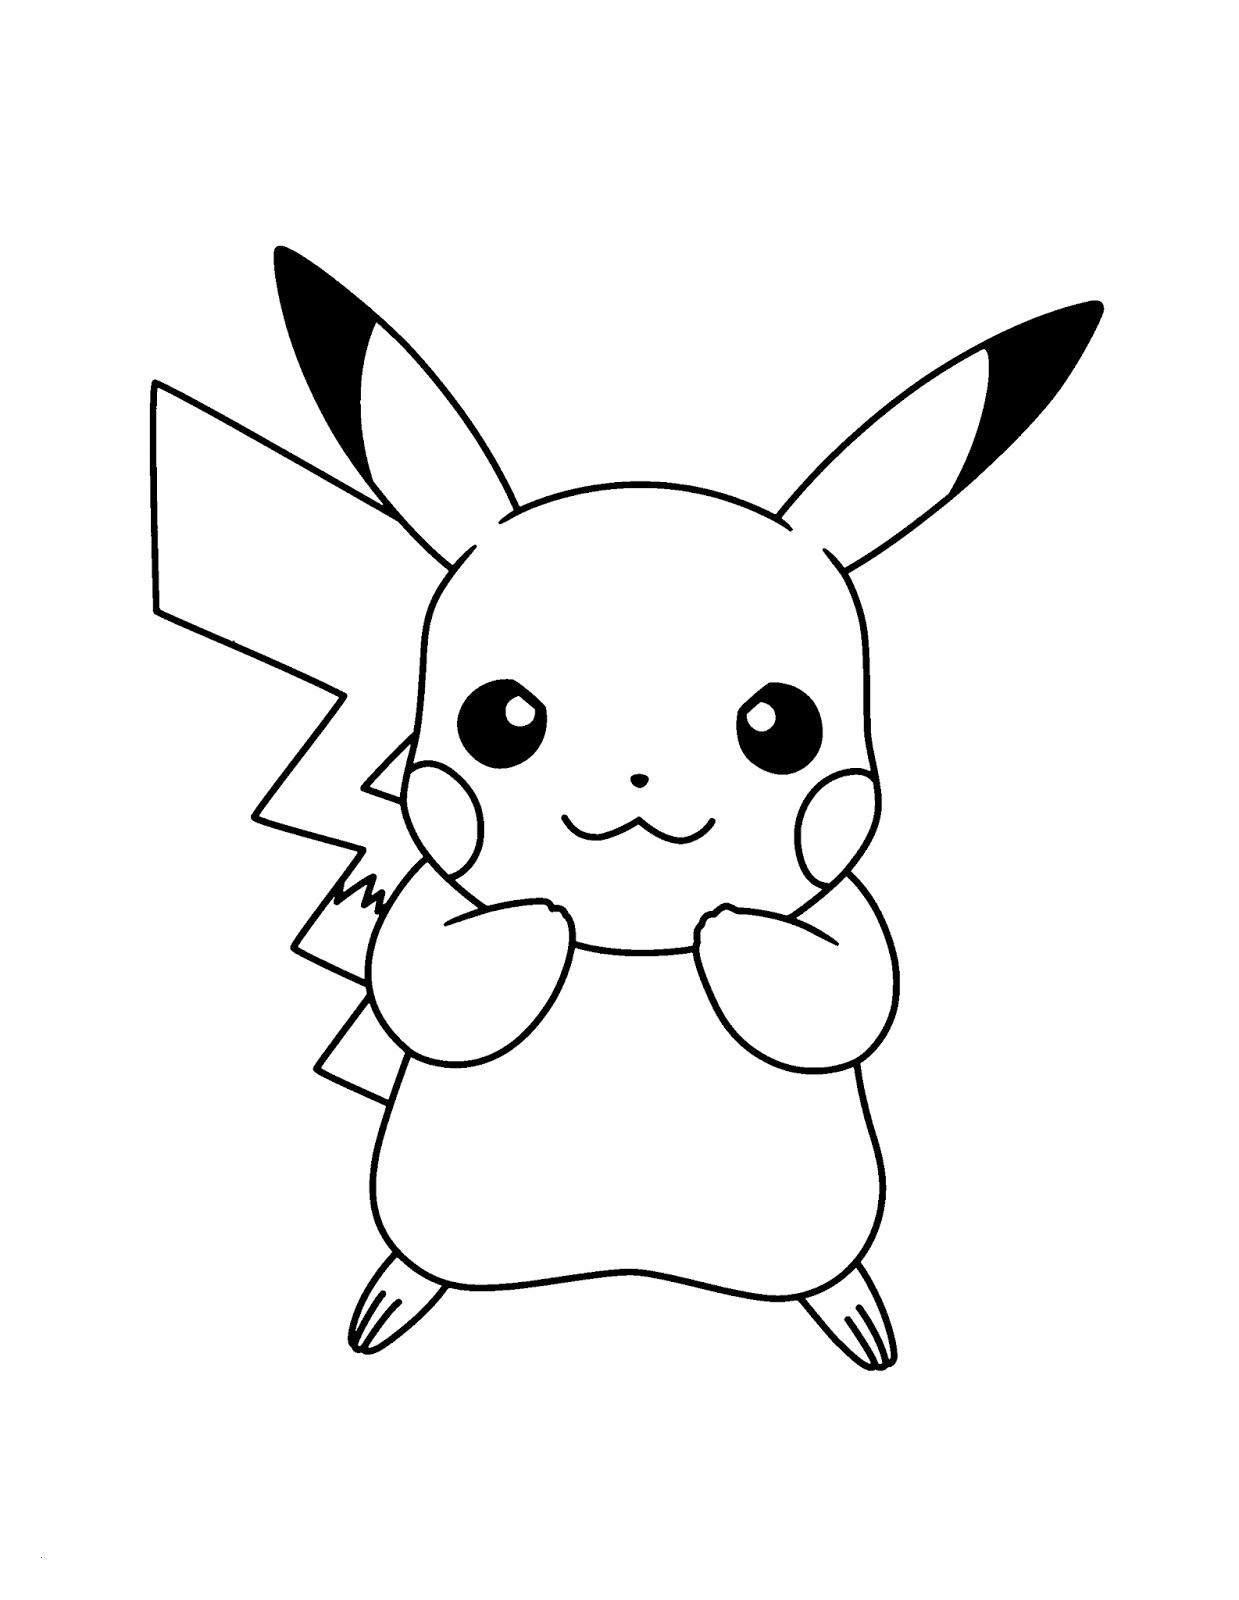 Pokemon Ausmalbilder Kostenlos Inspirierend Pikachu Ausmalbild Pokemon Pinterest Elegant Pokemon Malvorlagen Galerie